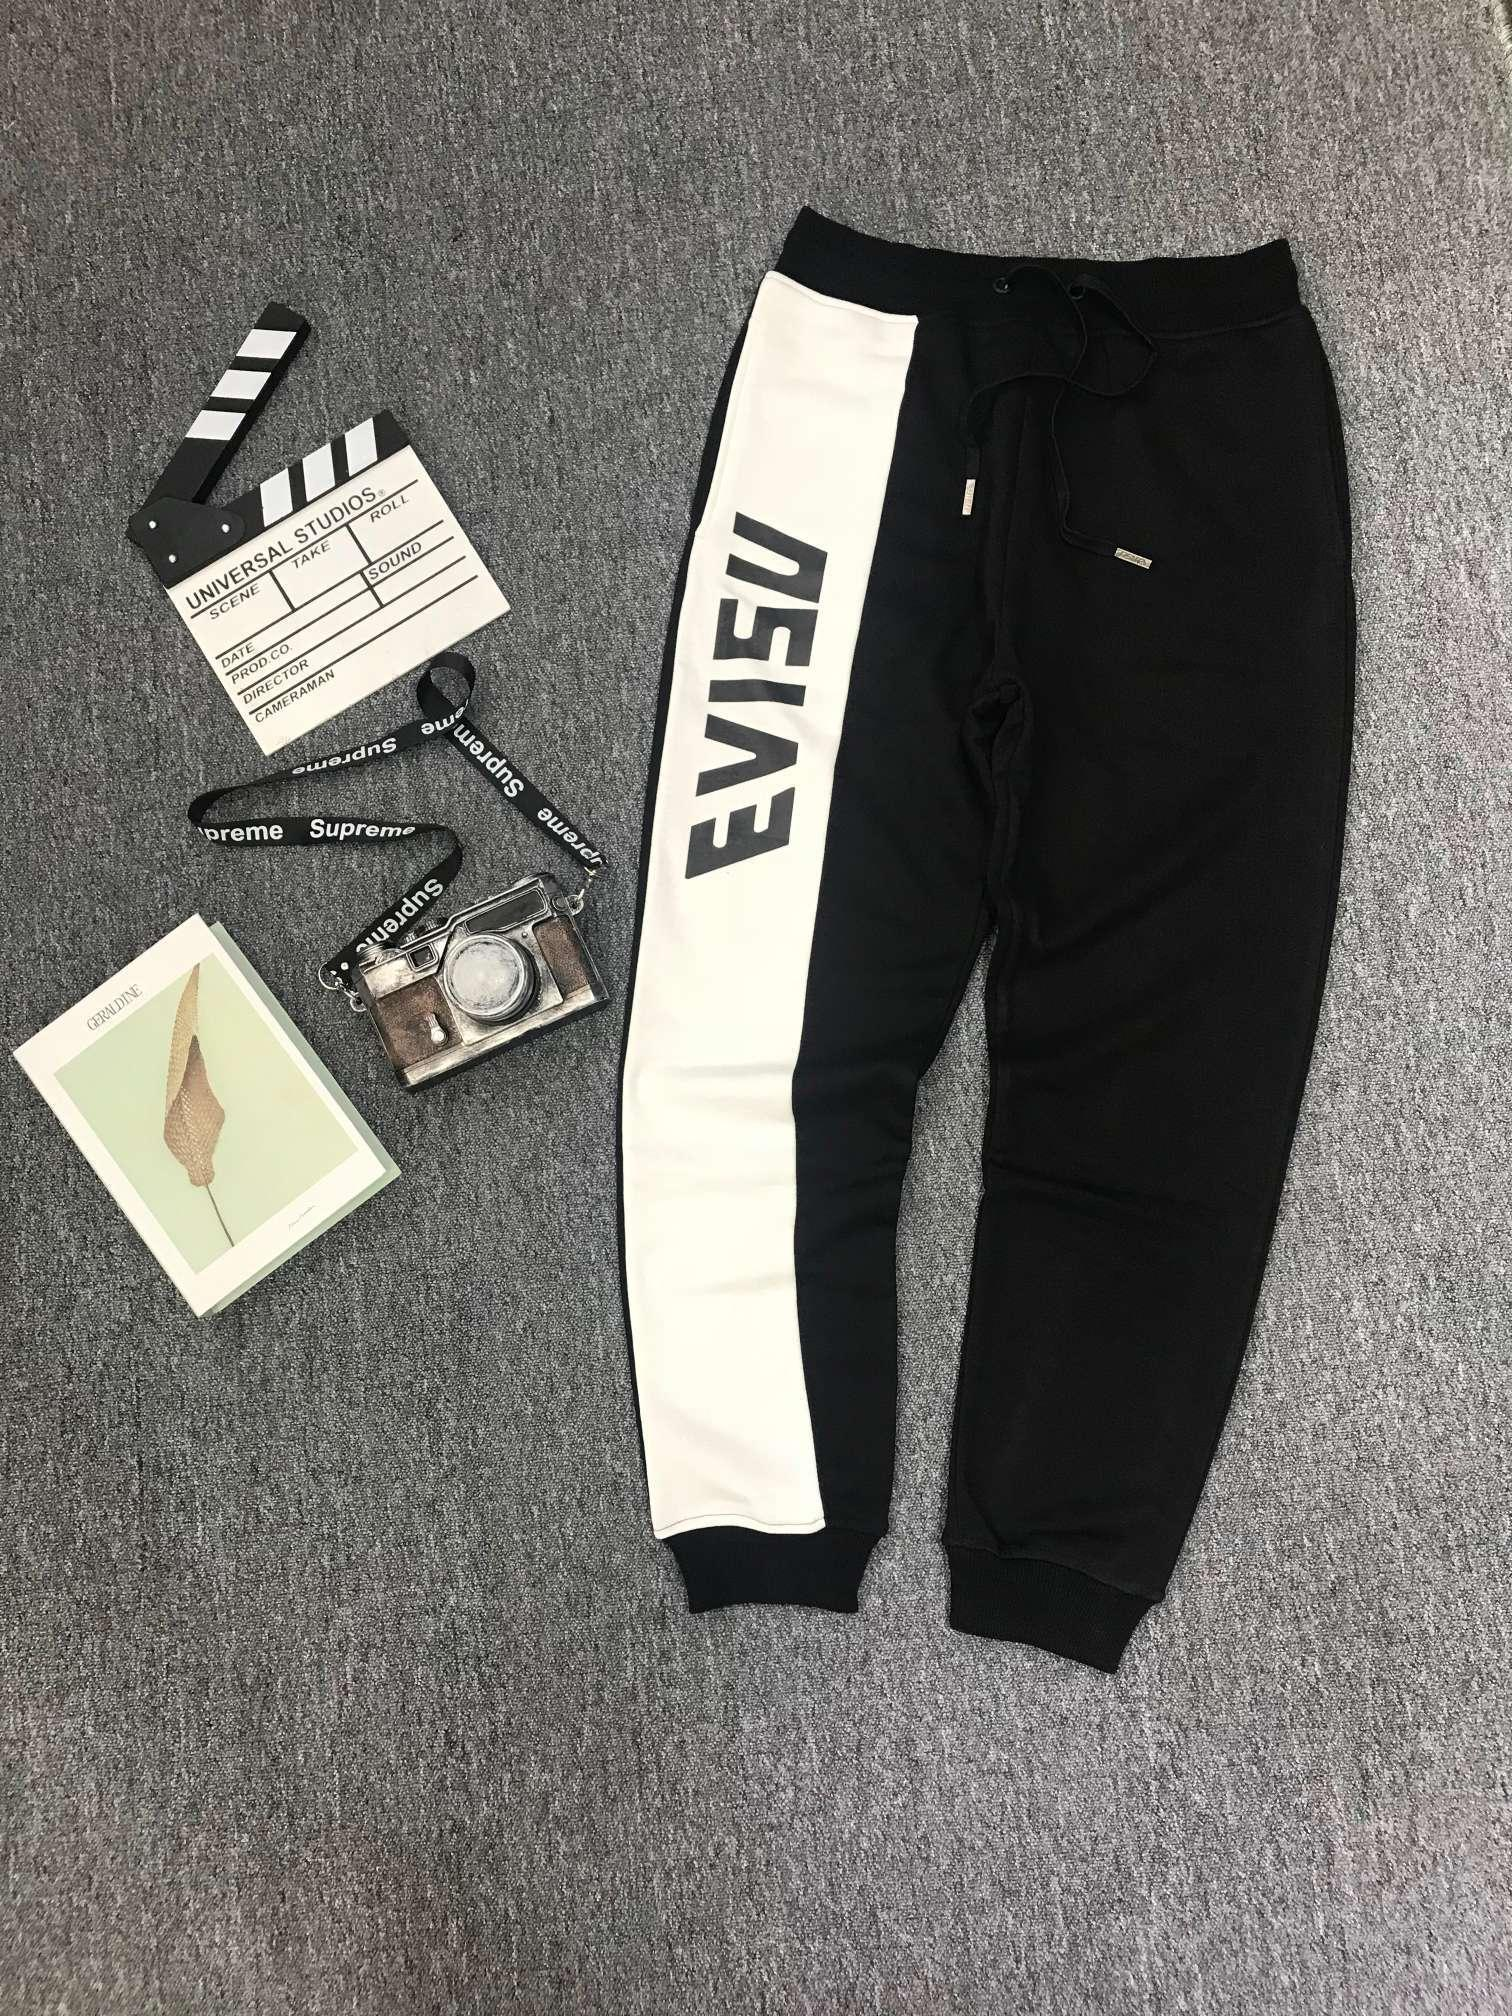 modo all'ingrosso nuovo stile 2019 dei pantaloni casuali del cotone degli uomini estate Haren pantaloni jogging Pantaloni sportivi attivo elastico slacciano i pantaloni Plus Size ~ X2